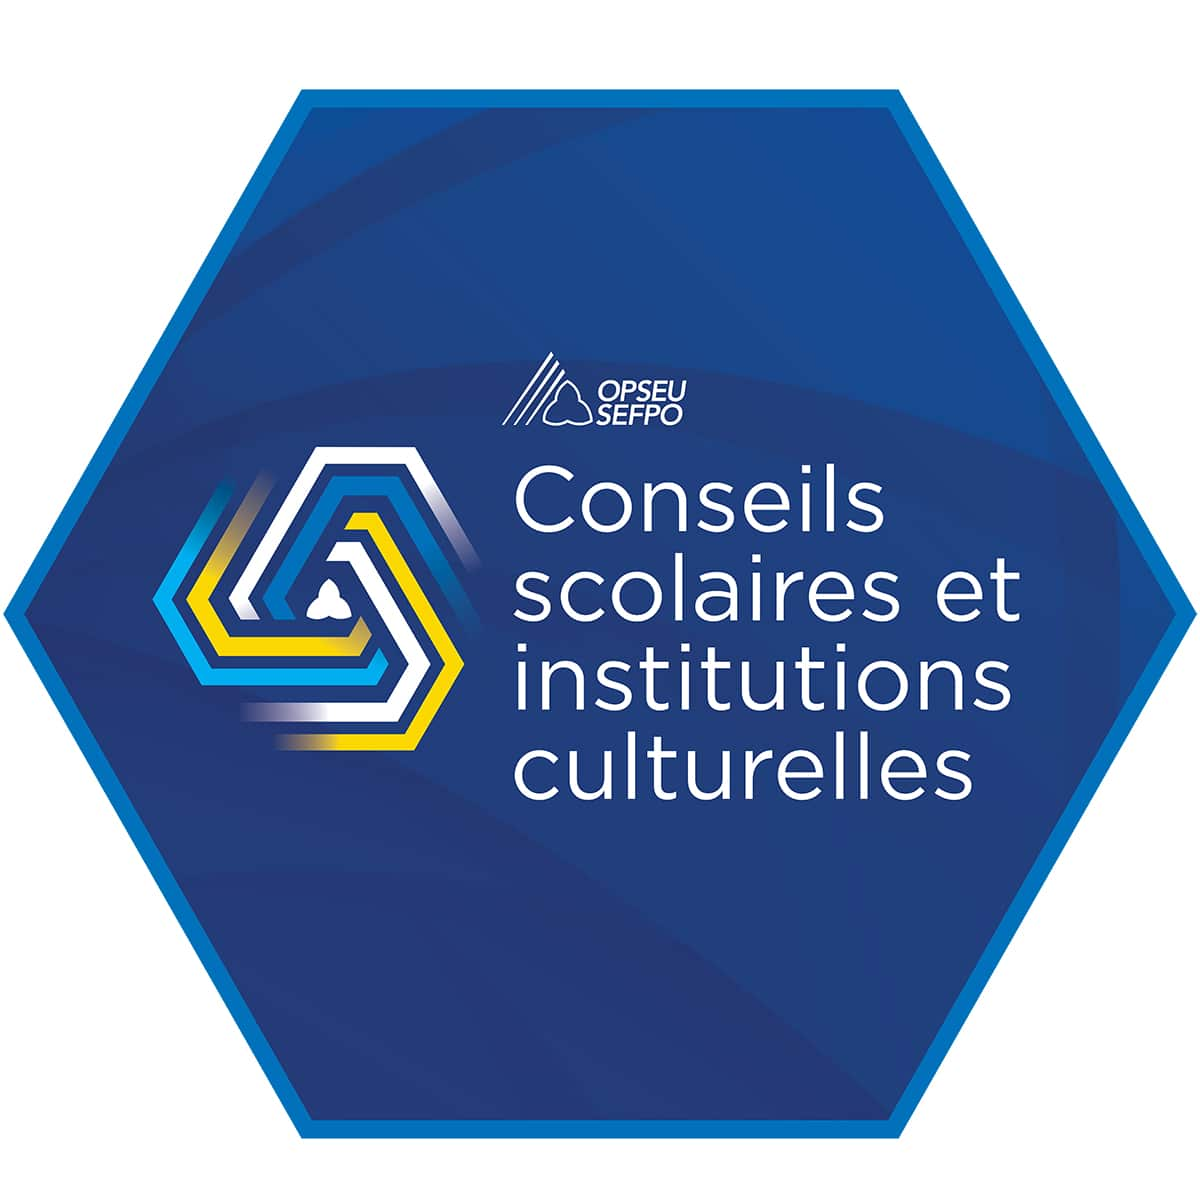 Conseils scolaires et institutions culturelles